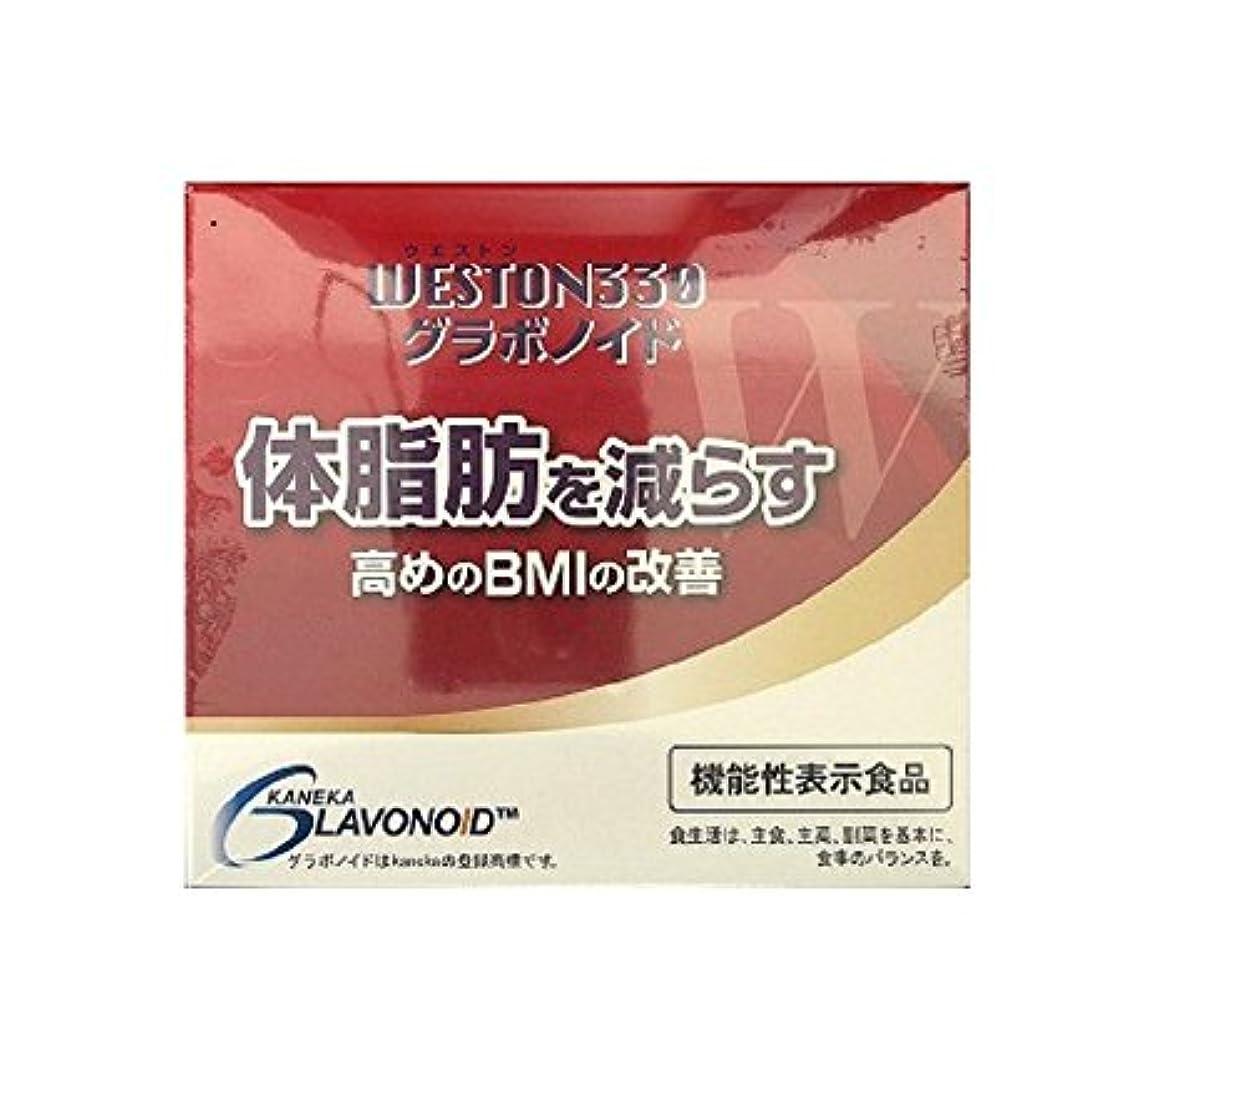 心理学浅いハシーリマックスジャパン WESTON330 グラボノイド 60粒 (30日分) [機能性表示食品]